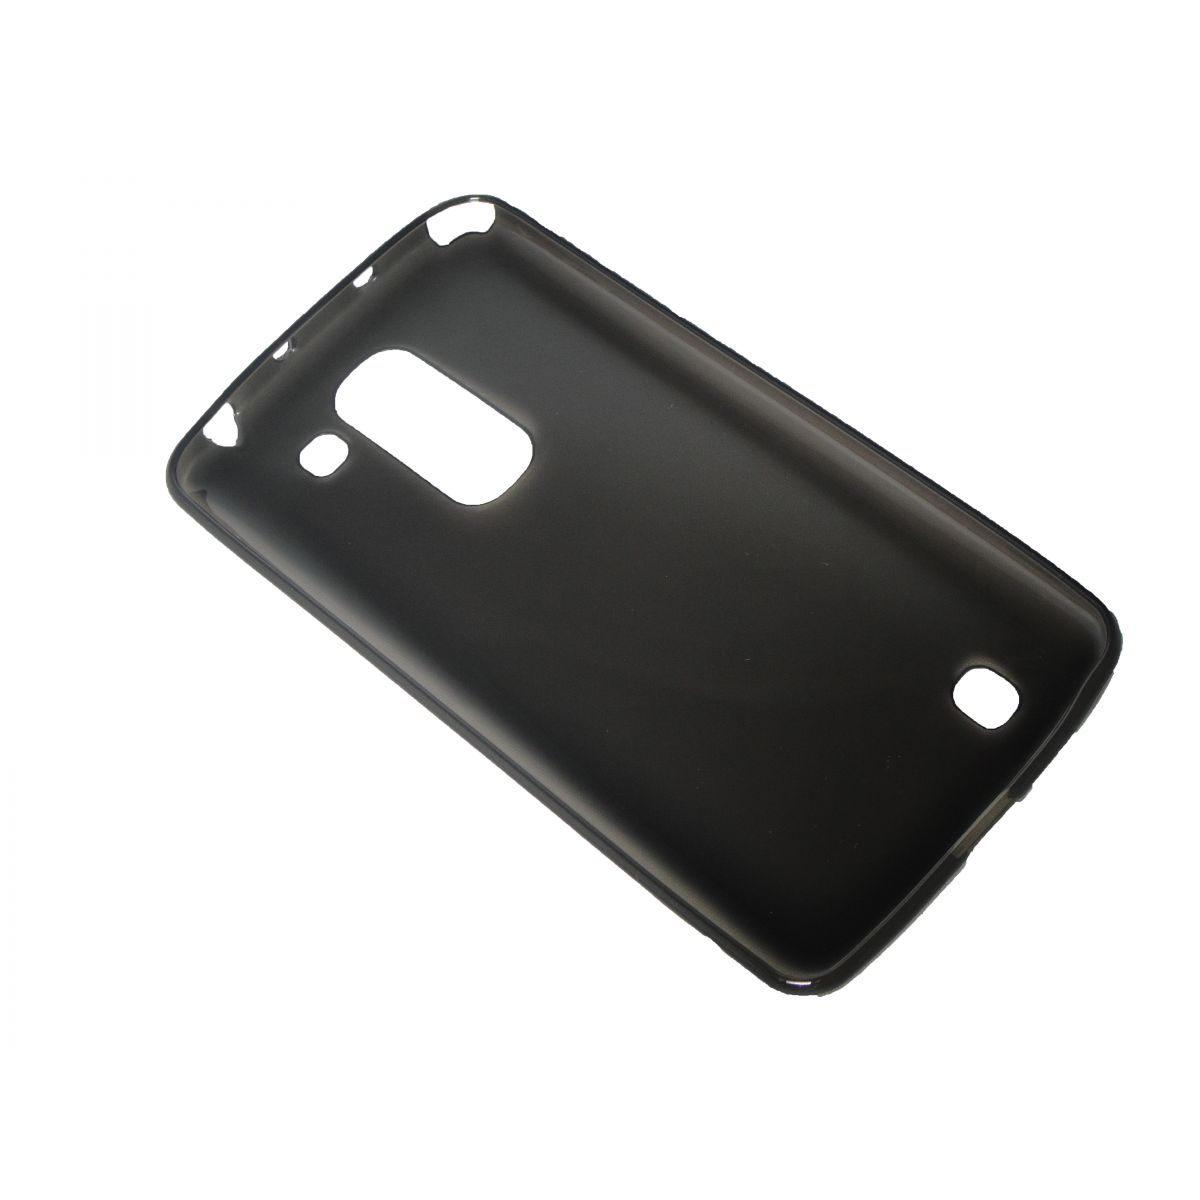 Capa de Tpu para LG G Pro 2 F350 D837 D838 Grafite